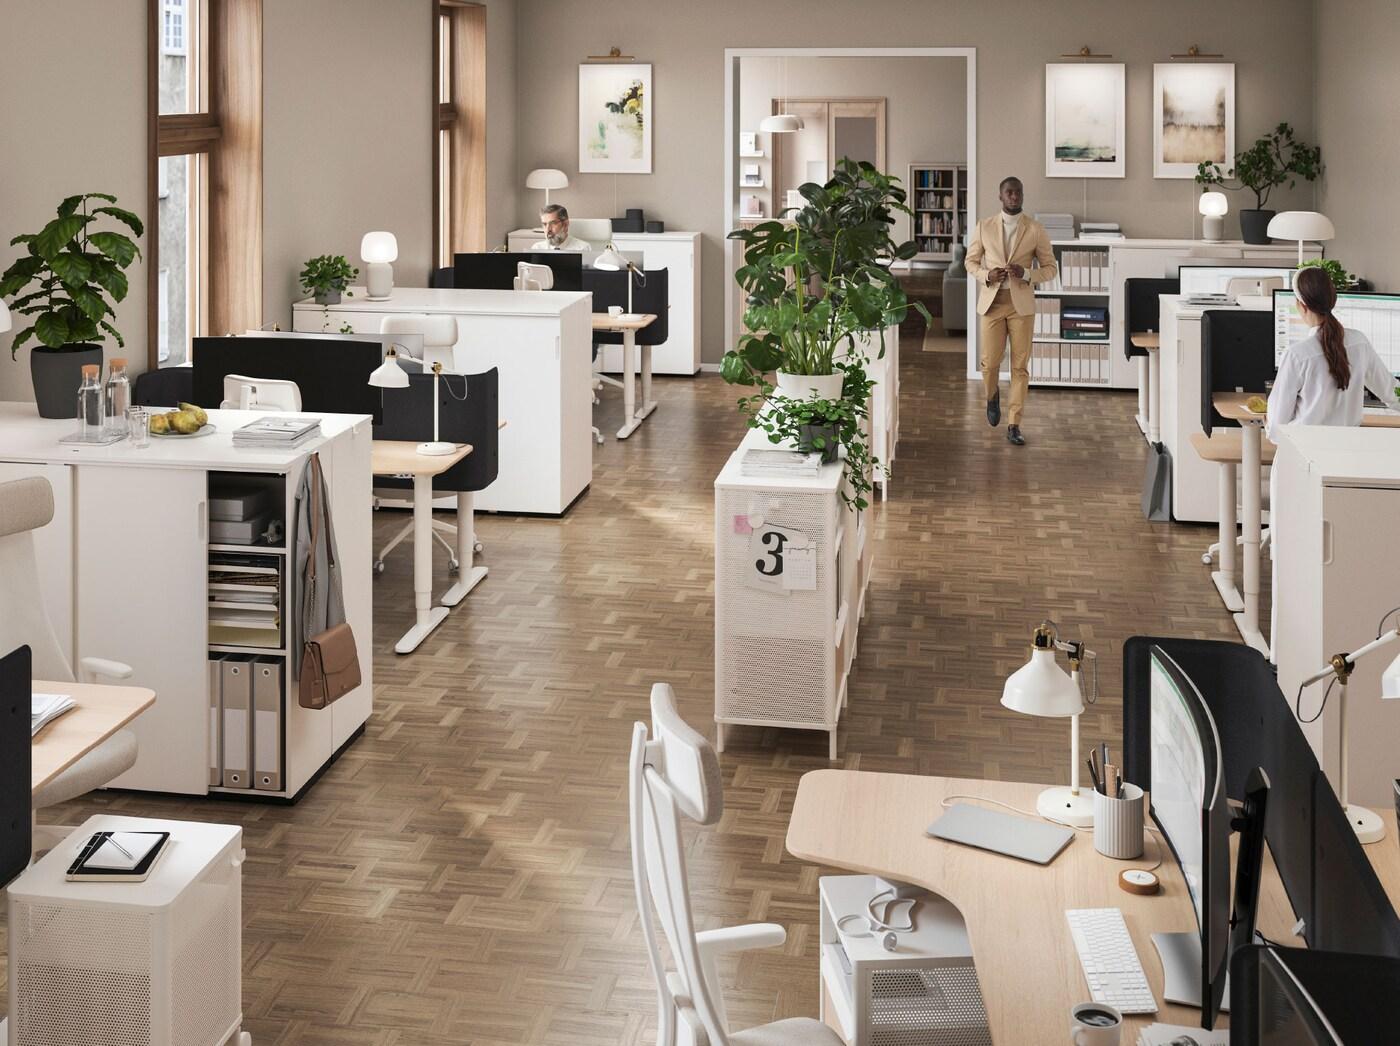 Een open kantoortuin met een opbergrek met planten in het midden. Eromheen staan bureaus bij de ramen.